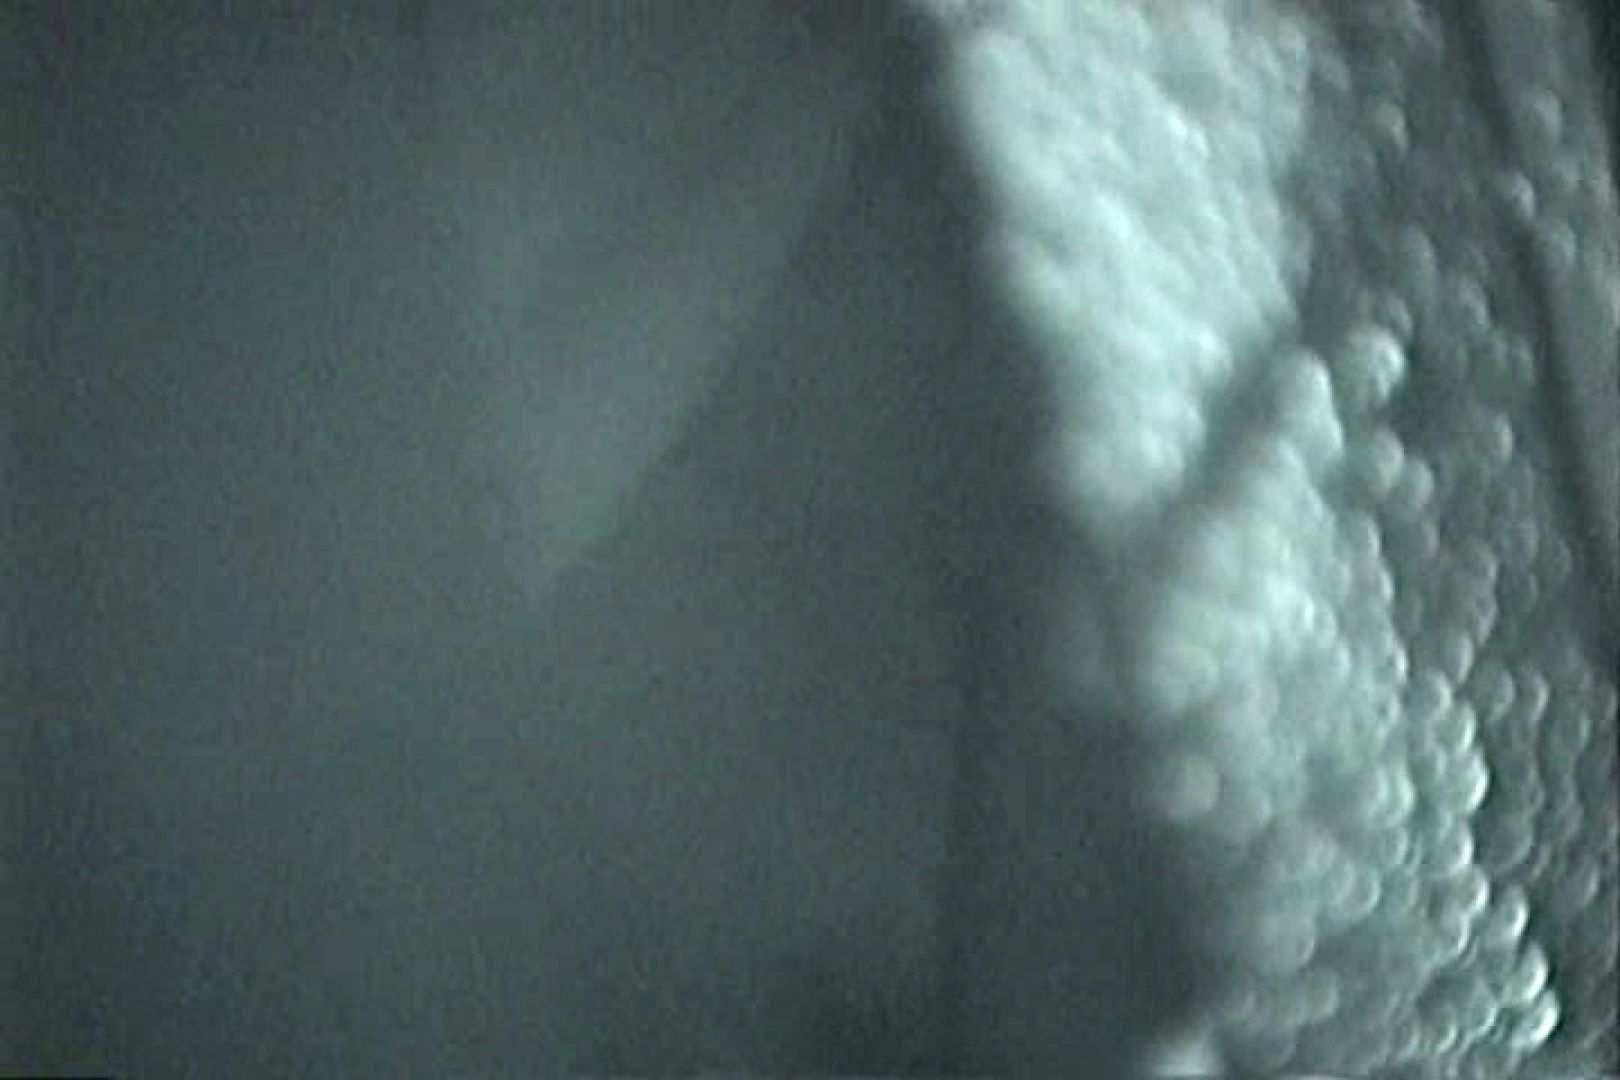 充血監督の深夜の運動会Vol.119 カップル盗撮  85画像 12